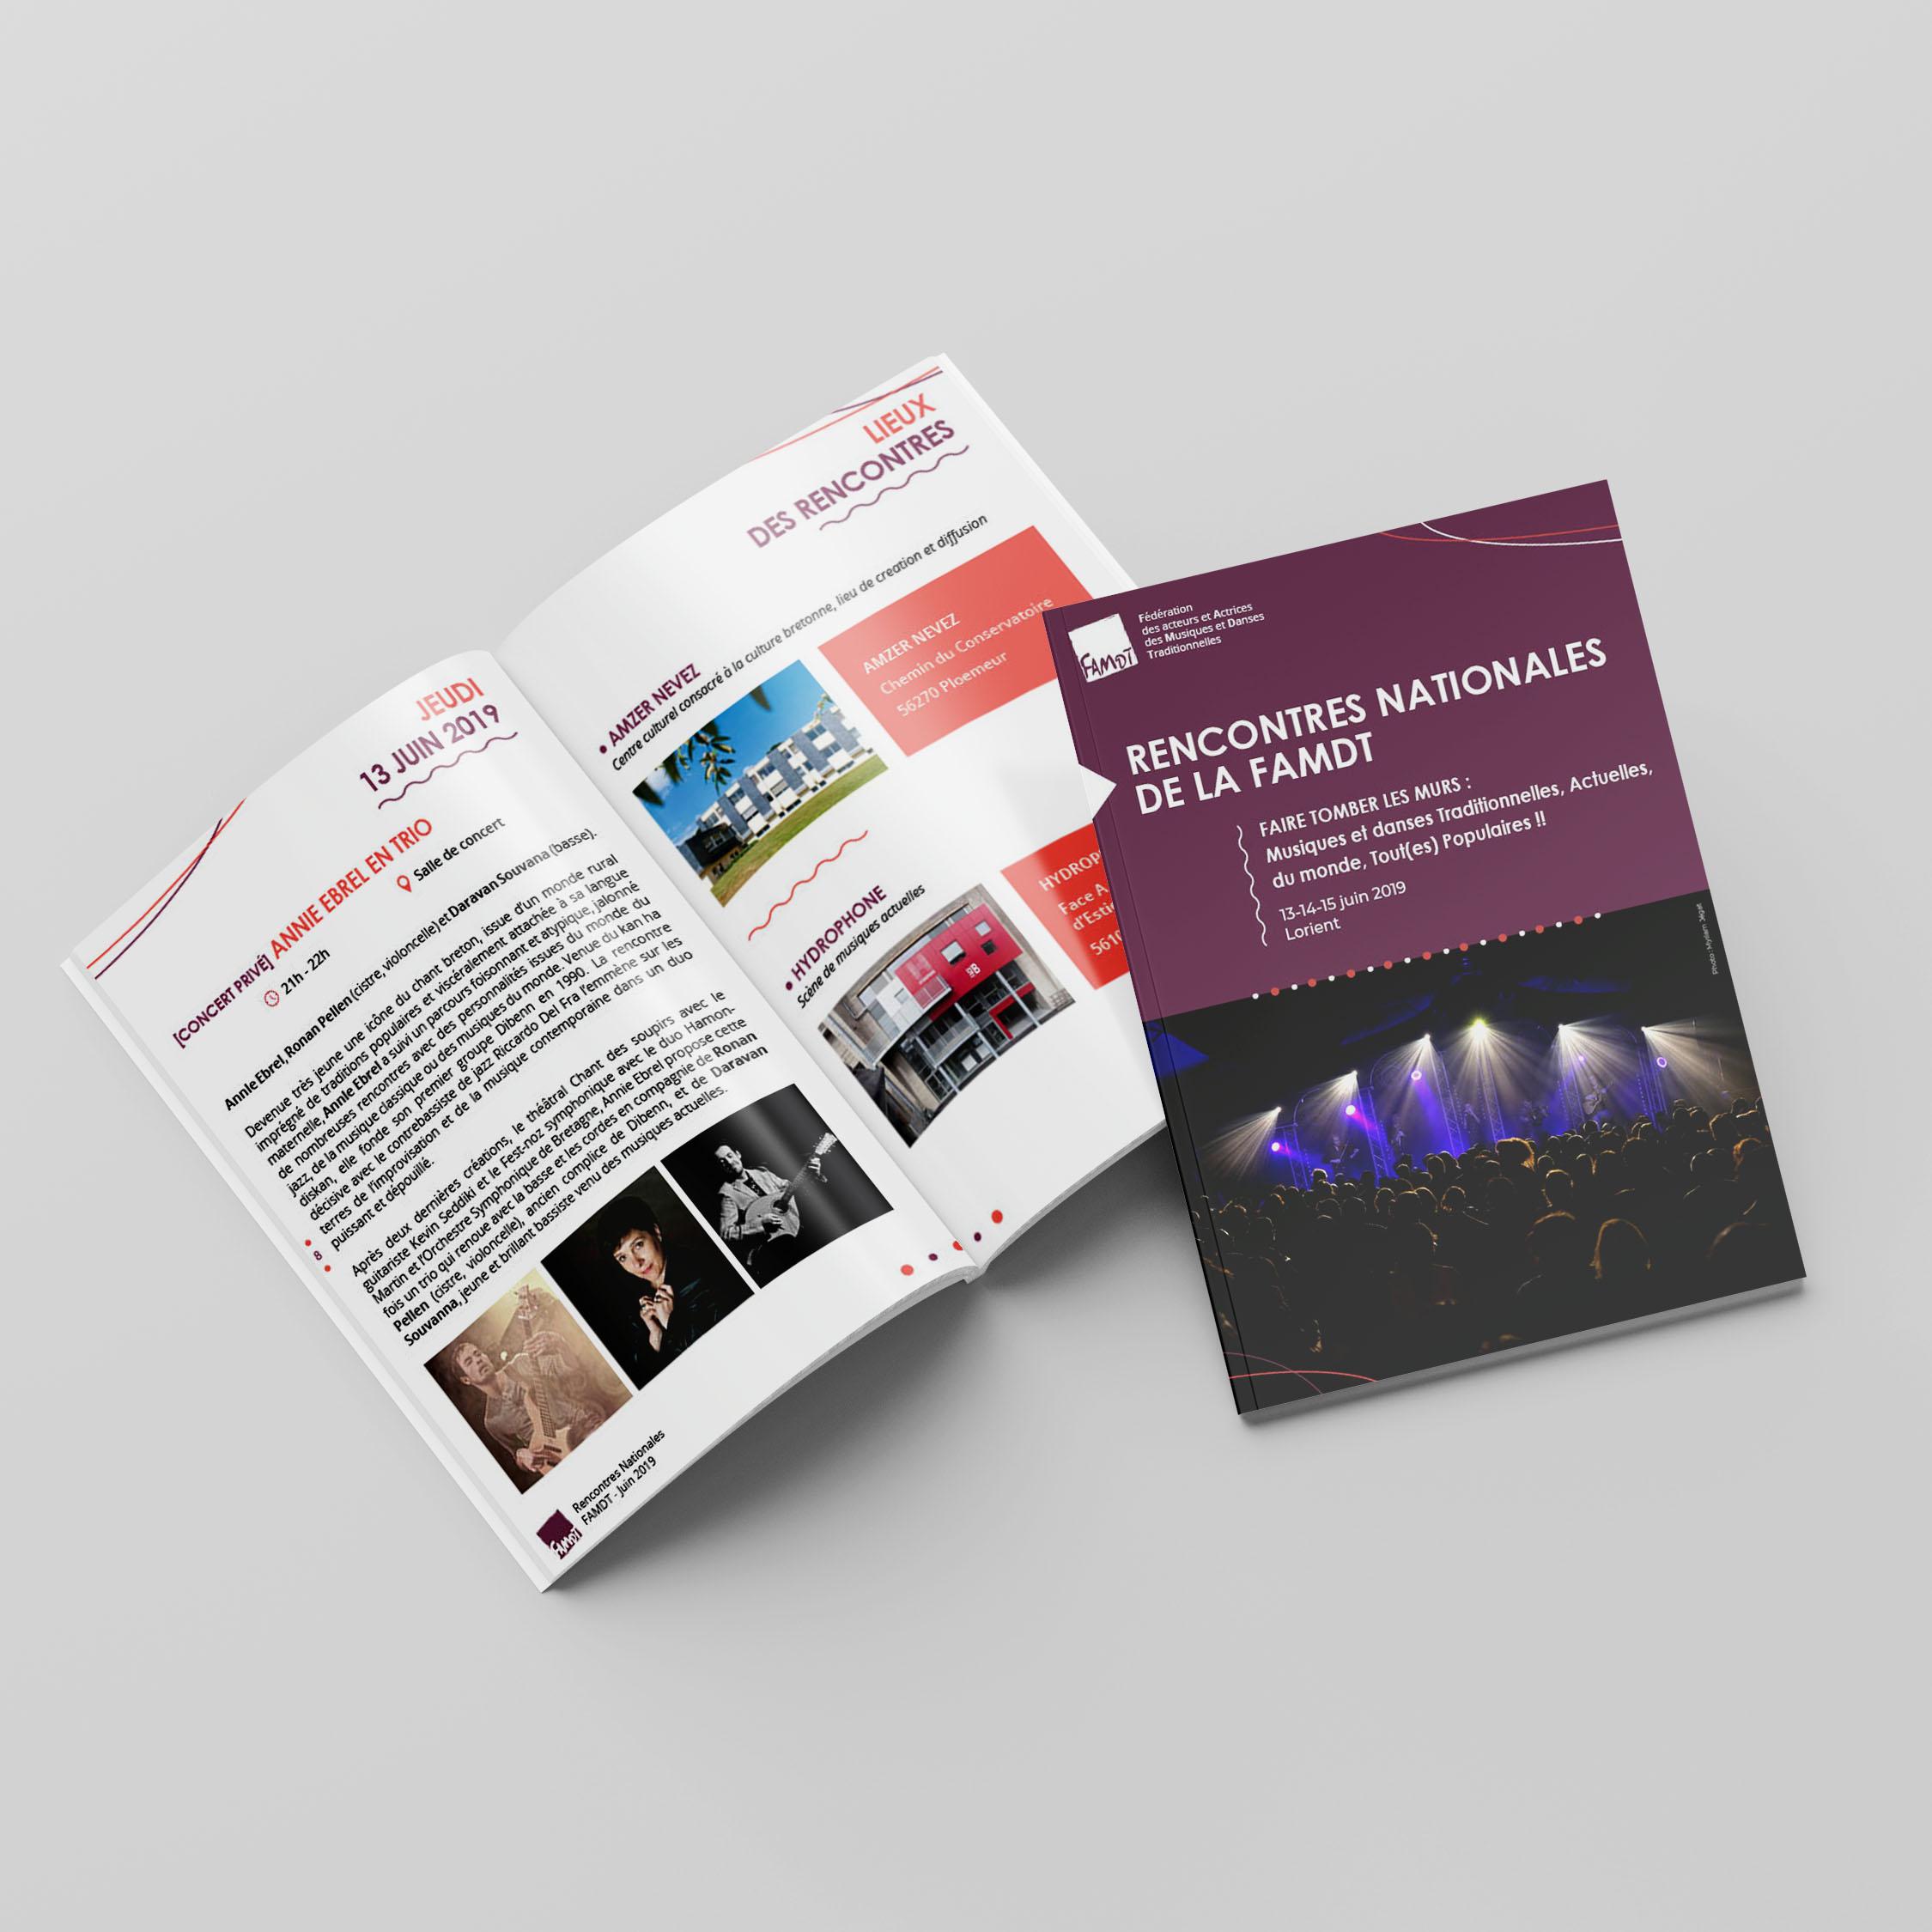 brochure rencontre FAMDT